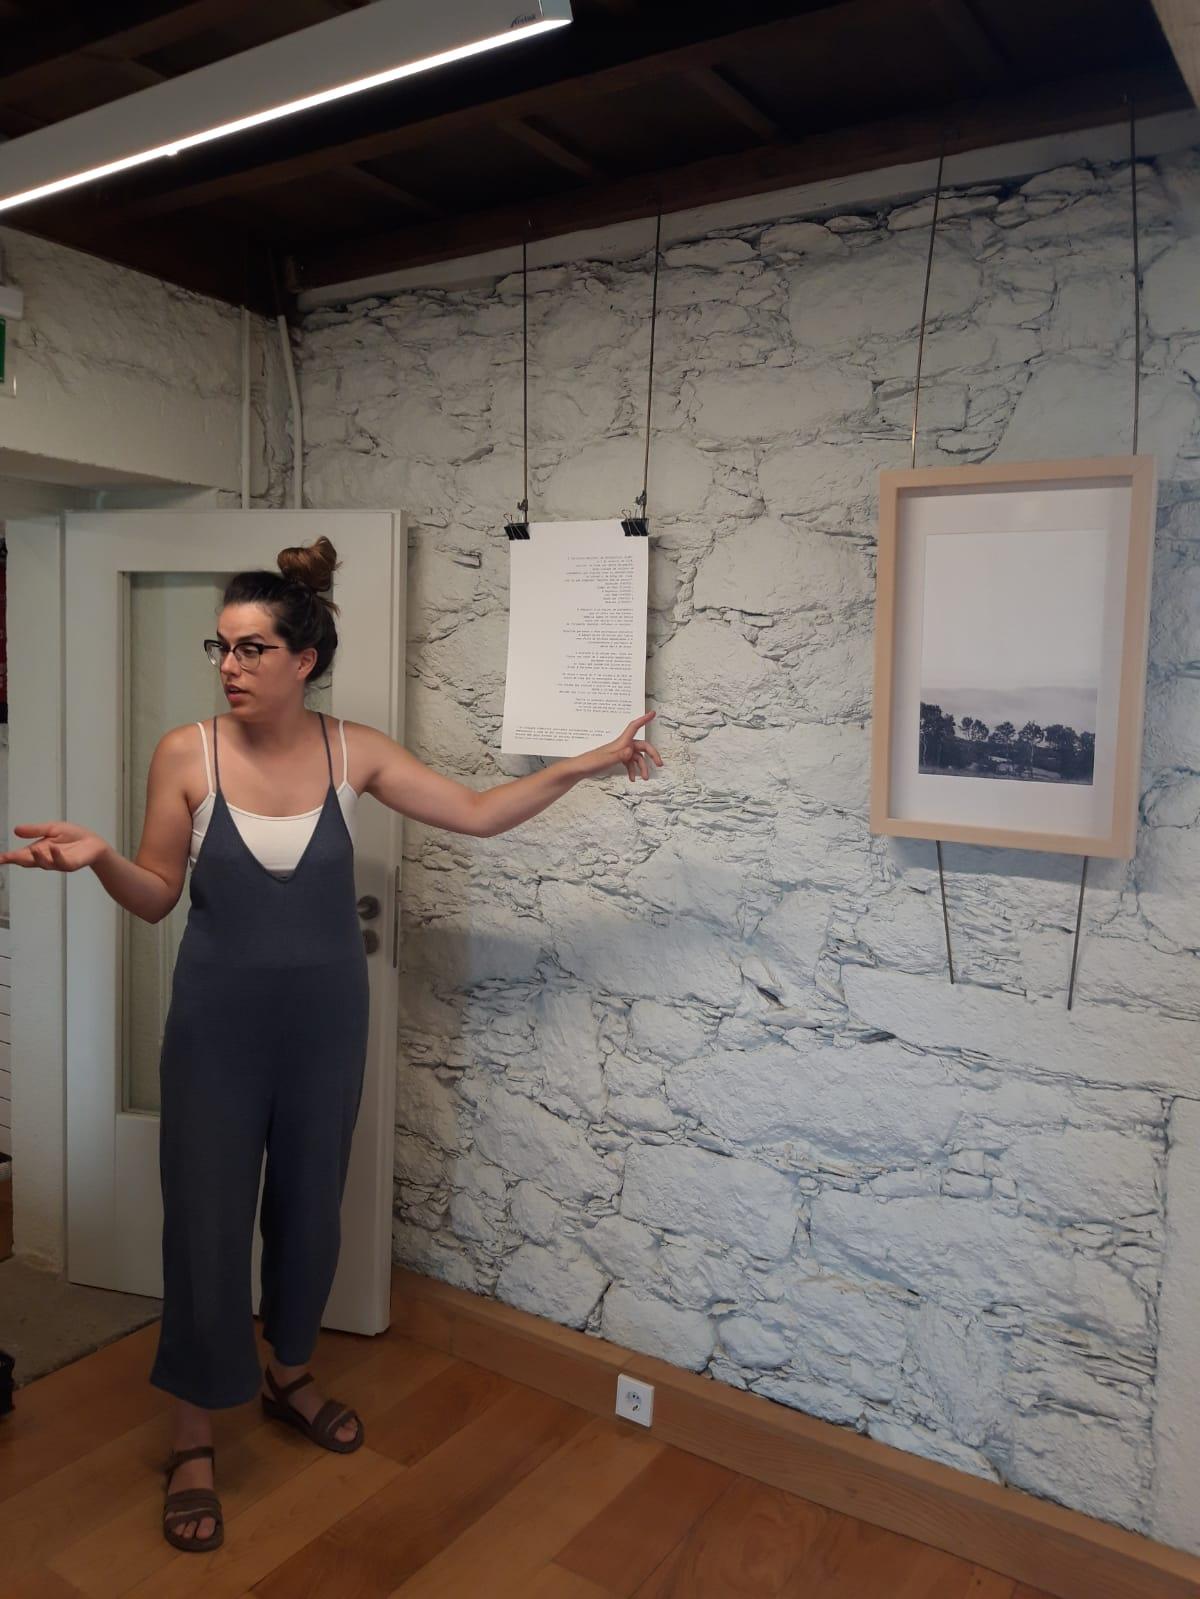 Camiños que se pechan, Patricia Coucheiro, castelo de Pambre, Instituto de Estudos Ulloáns